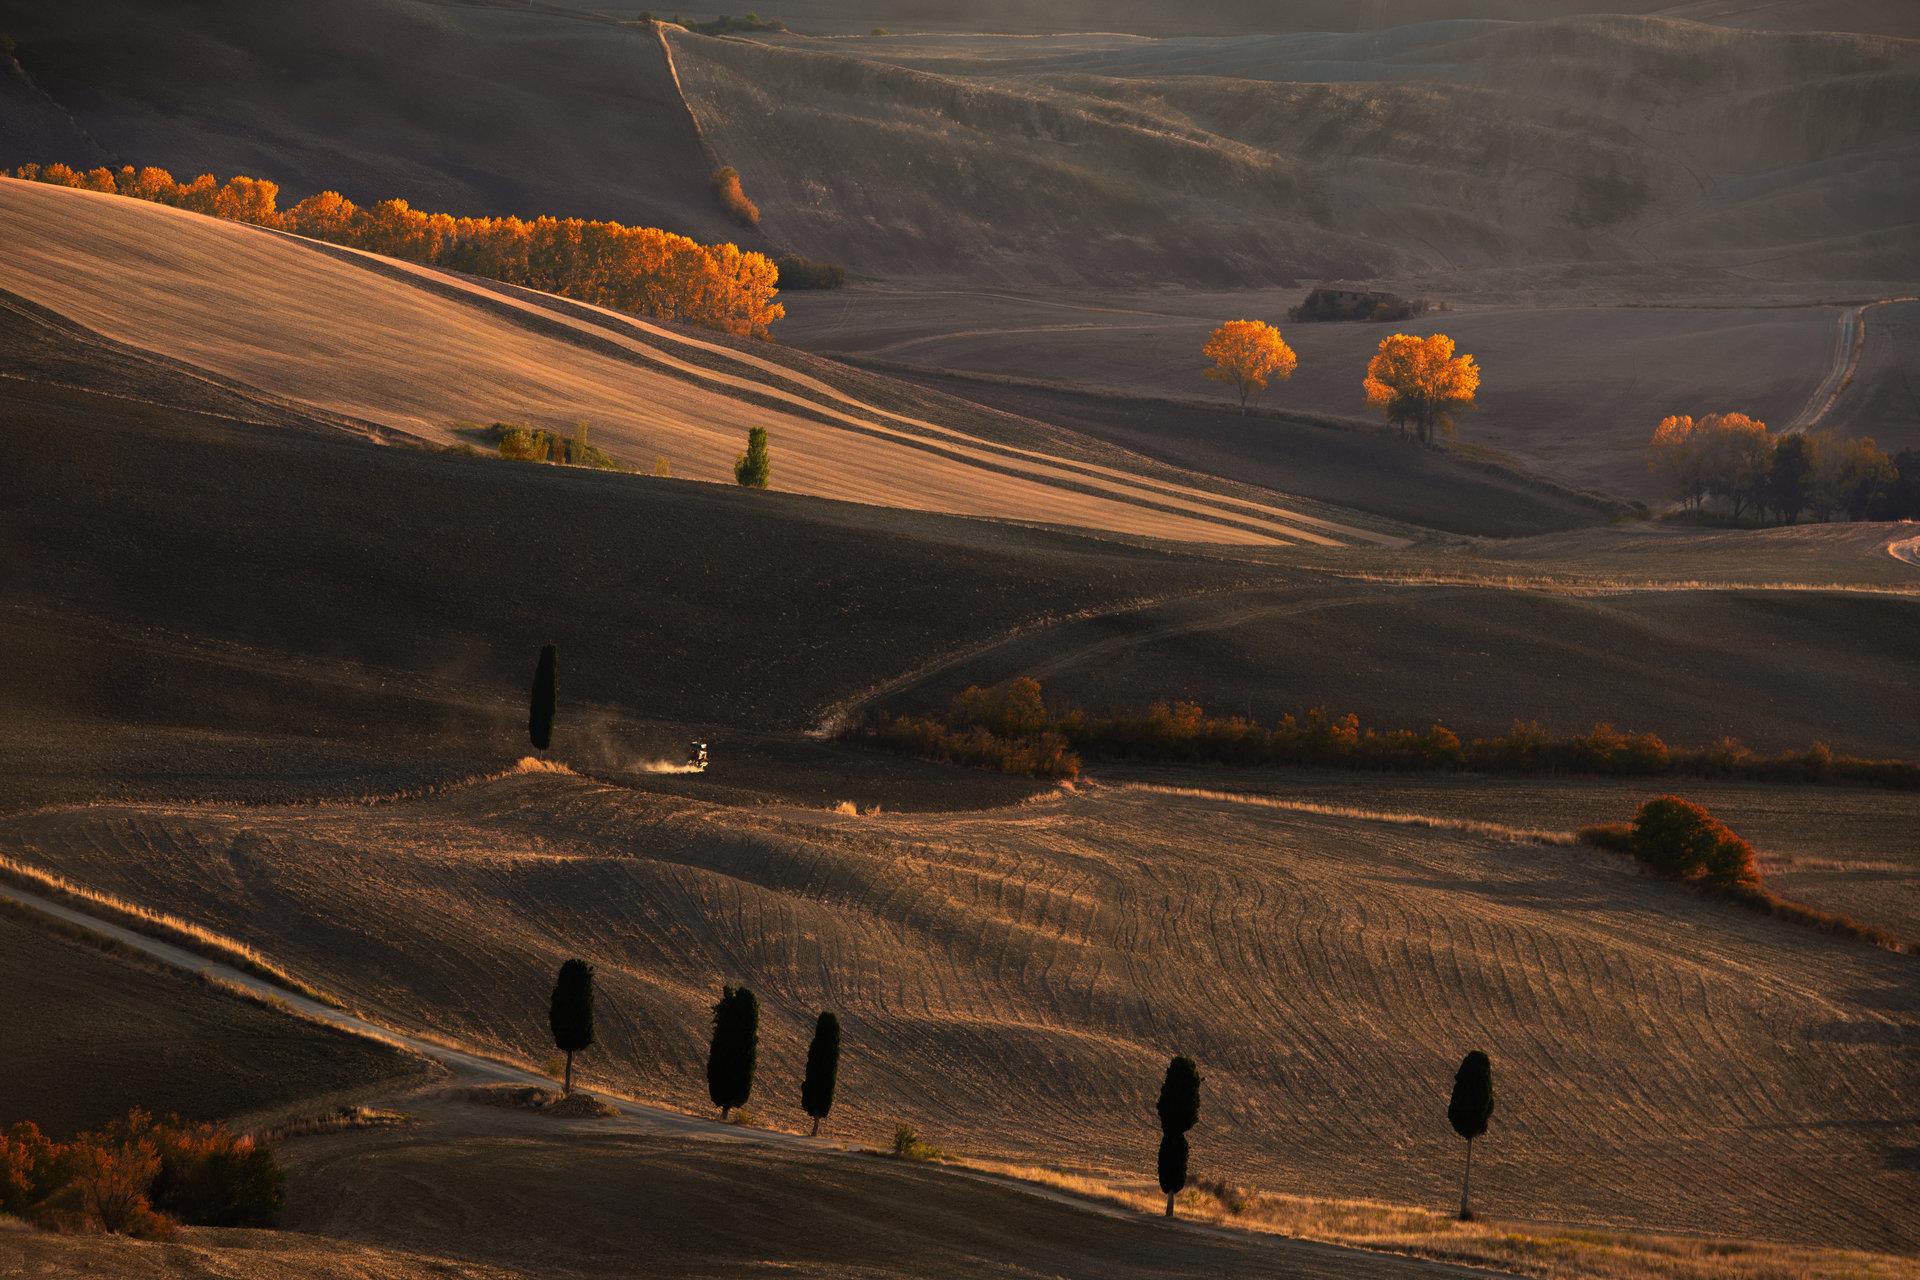 Tuscany | Author Zhoro  - HITTHEROAD | PHOTO FORUM